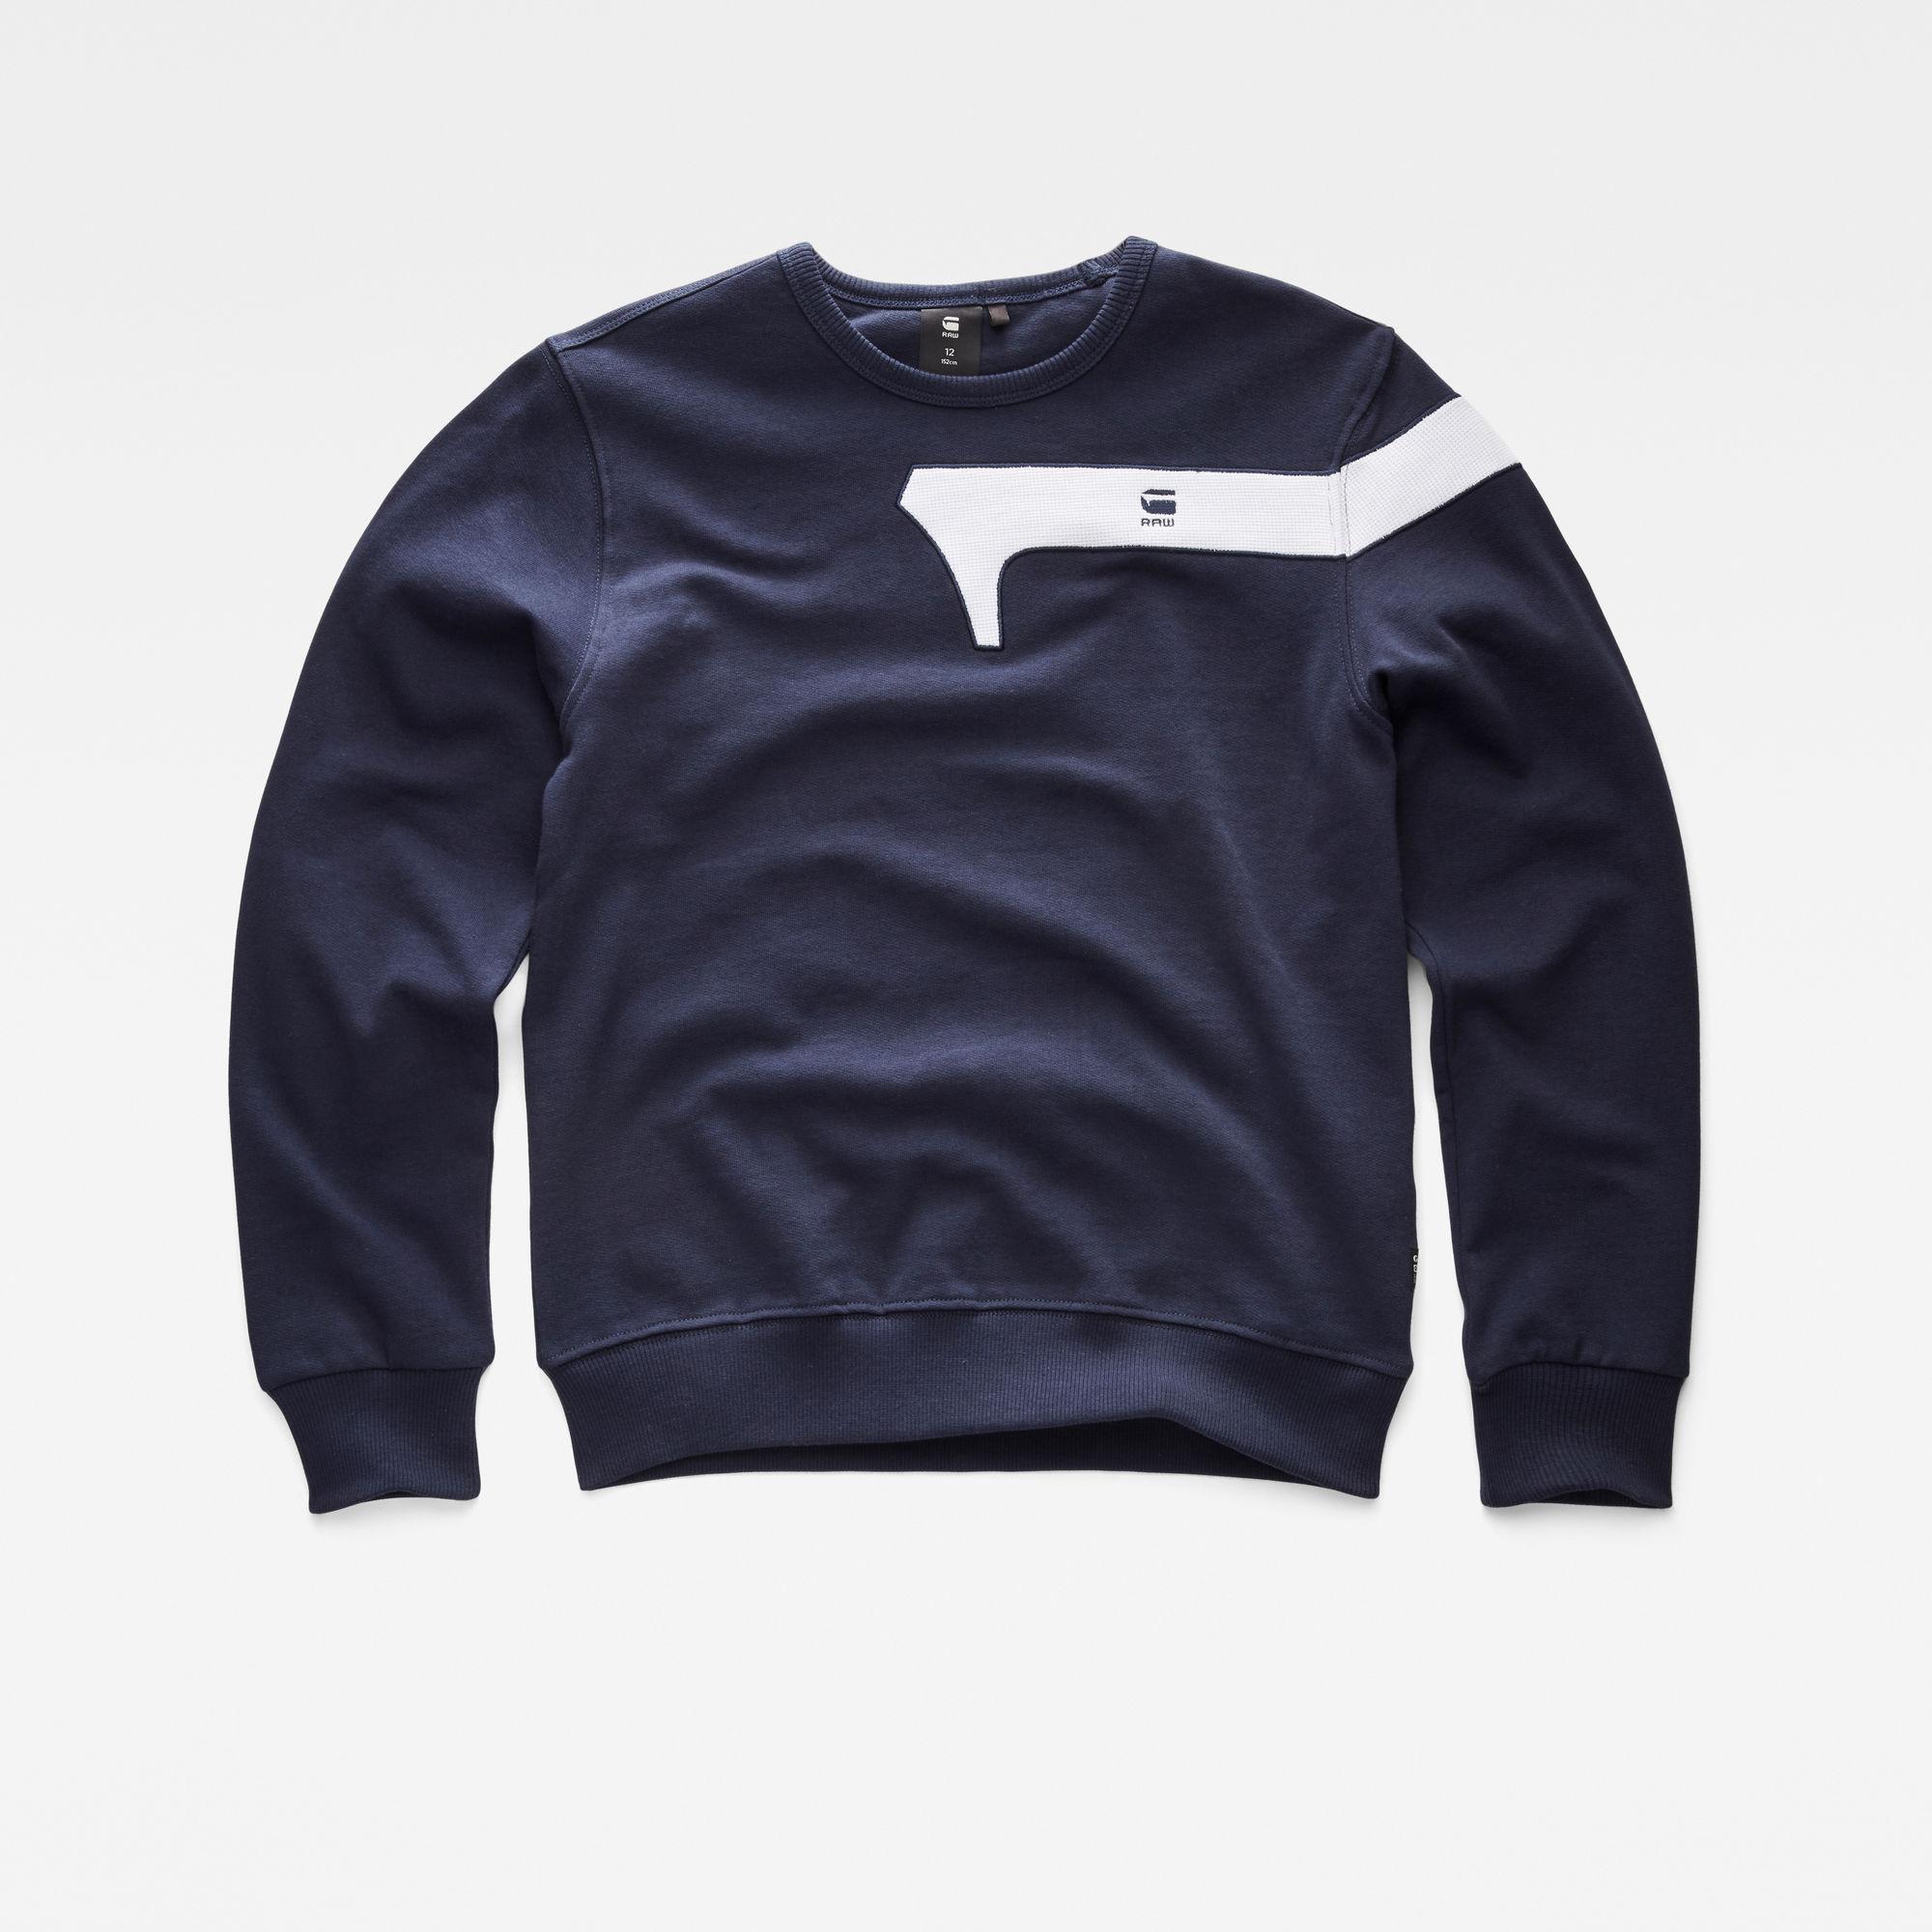 G-Star RAW Jongens Sweater Donkerblauw